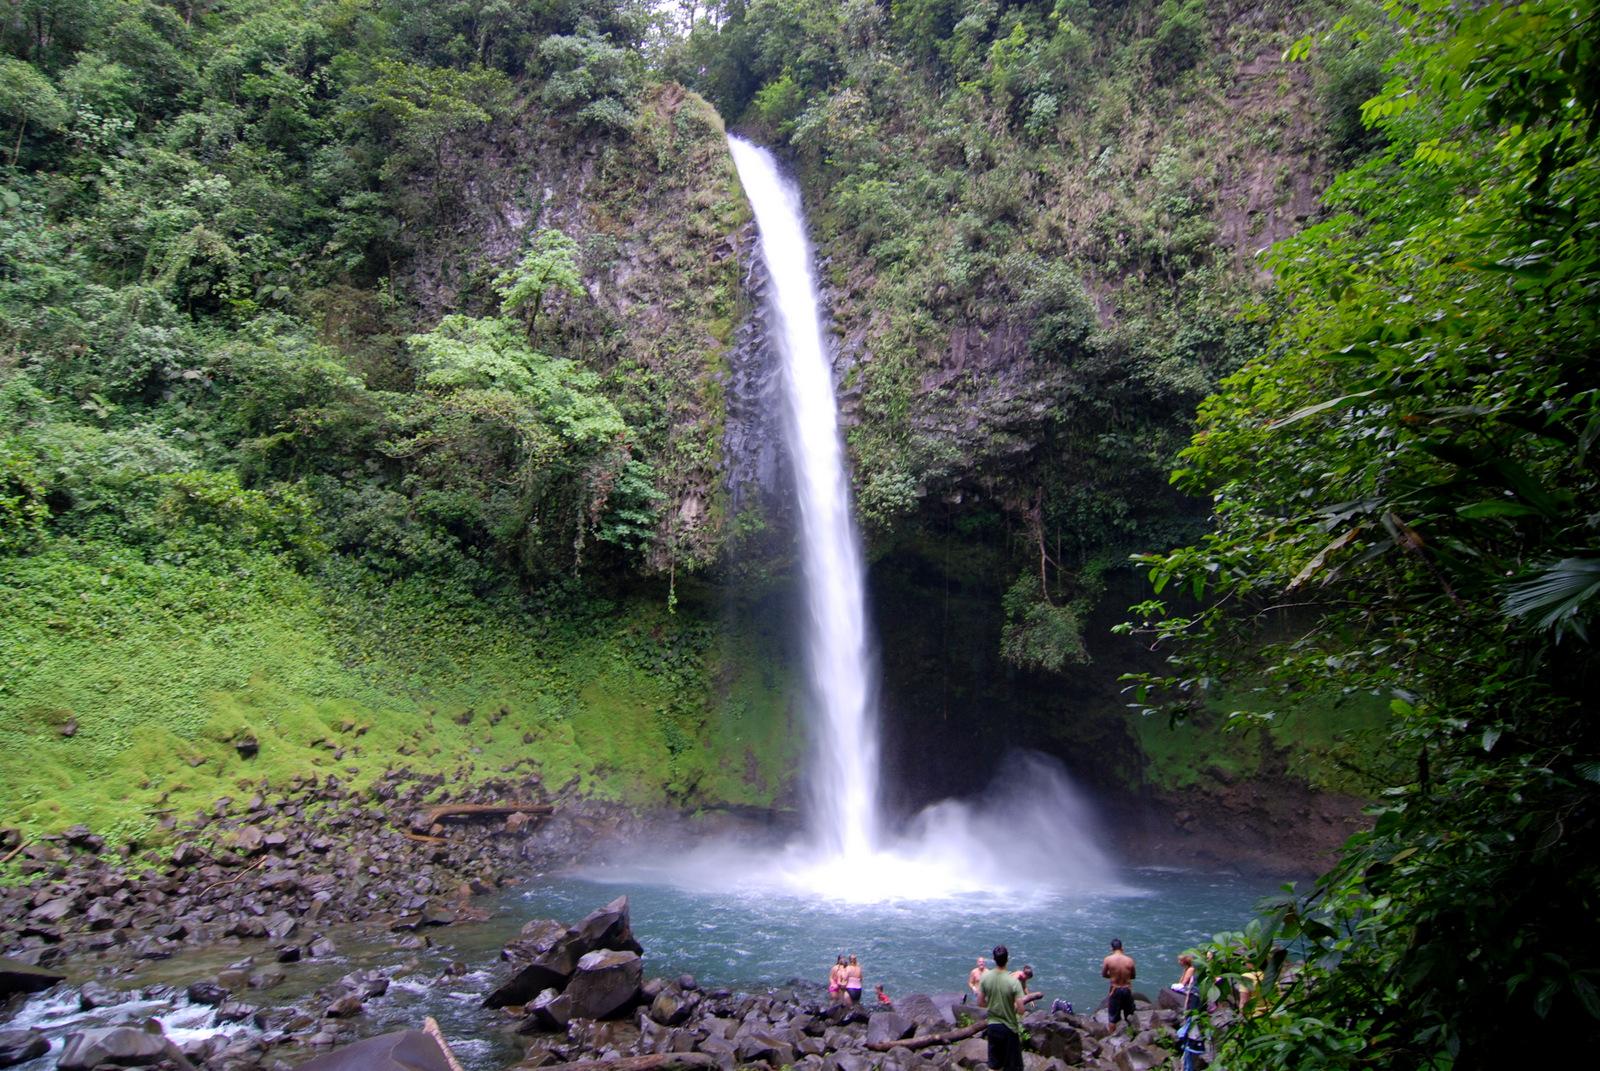 Kostarická vláda chce zachovať krásnu prírodu krajiny pre budúce generácie. (Foto: archív)